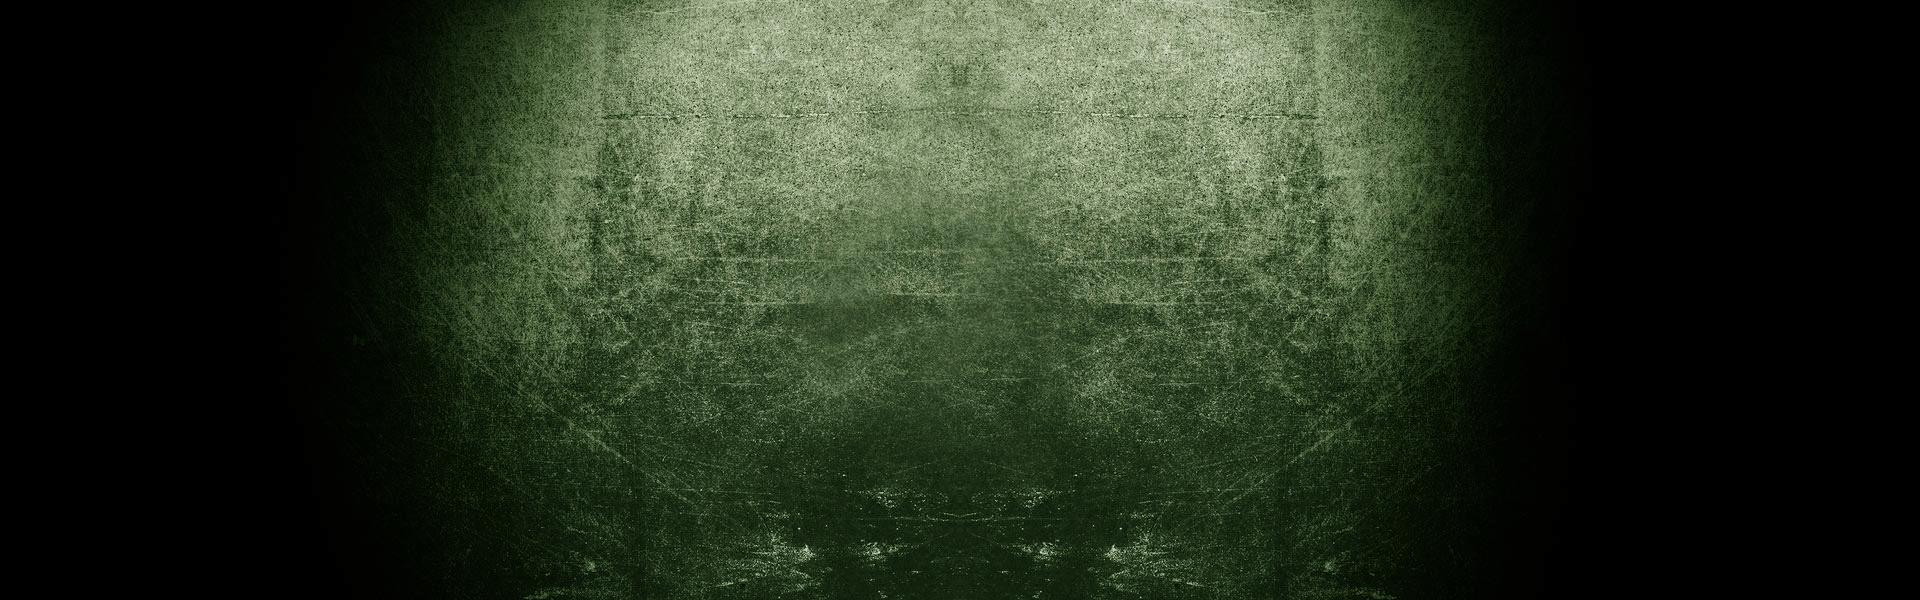 03-bg_verde